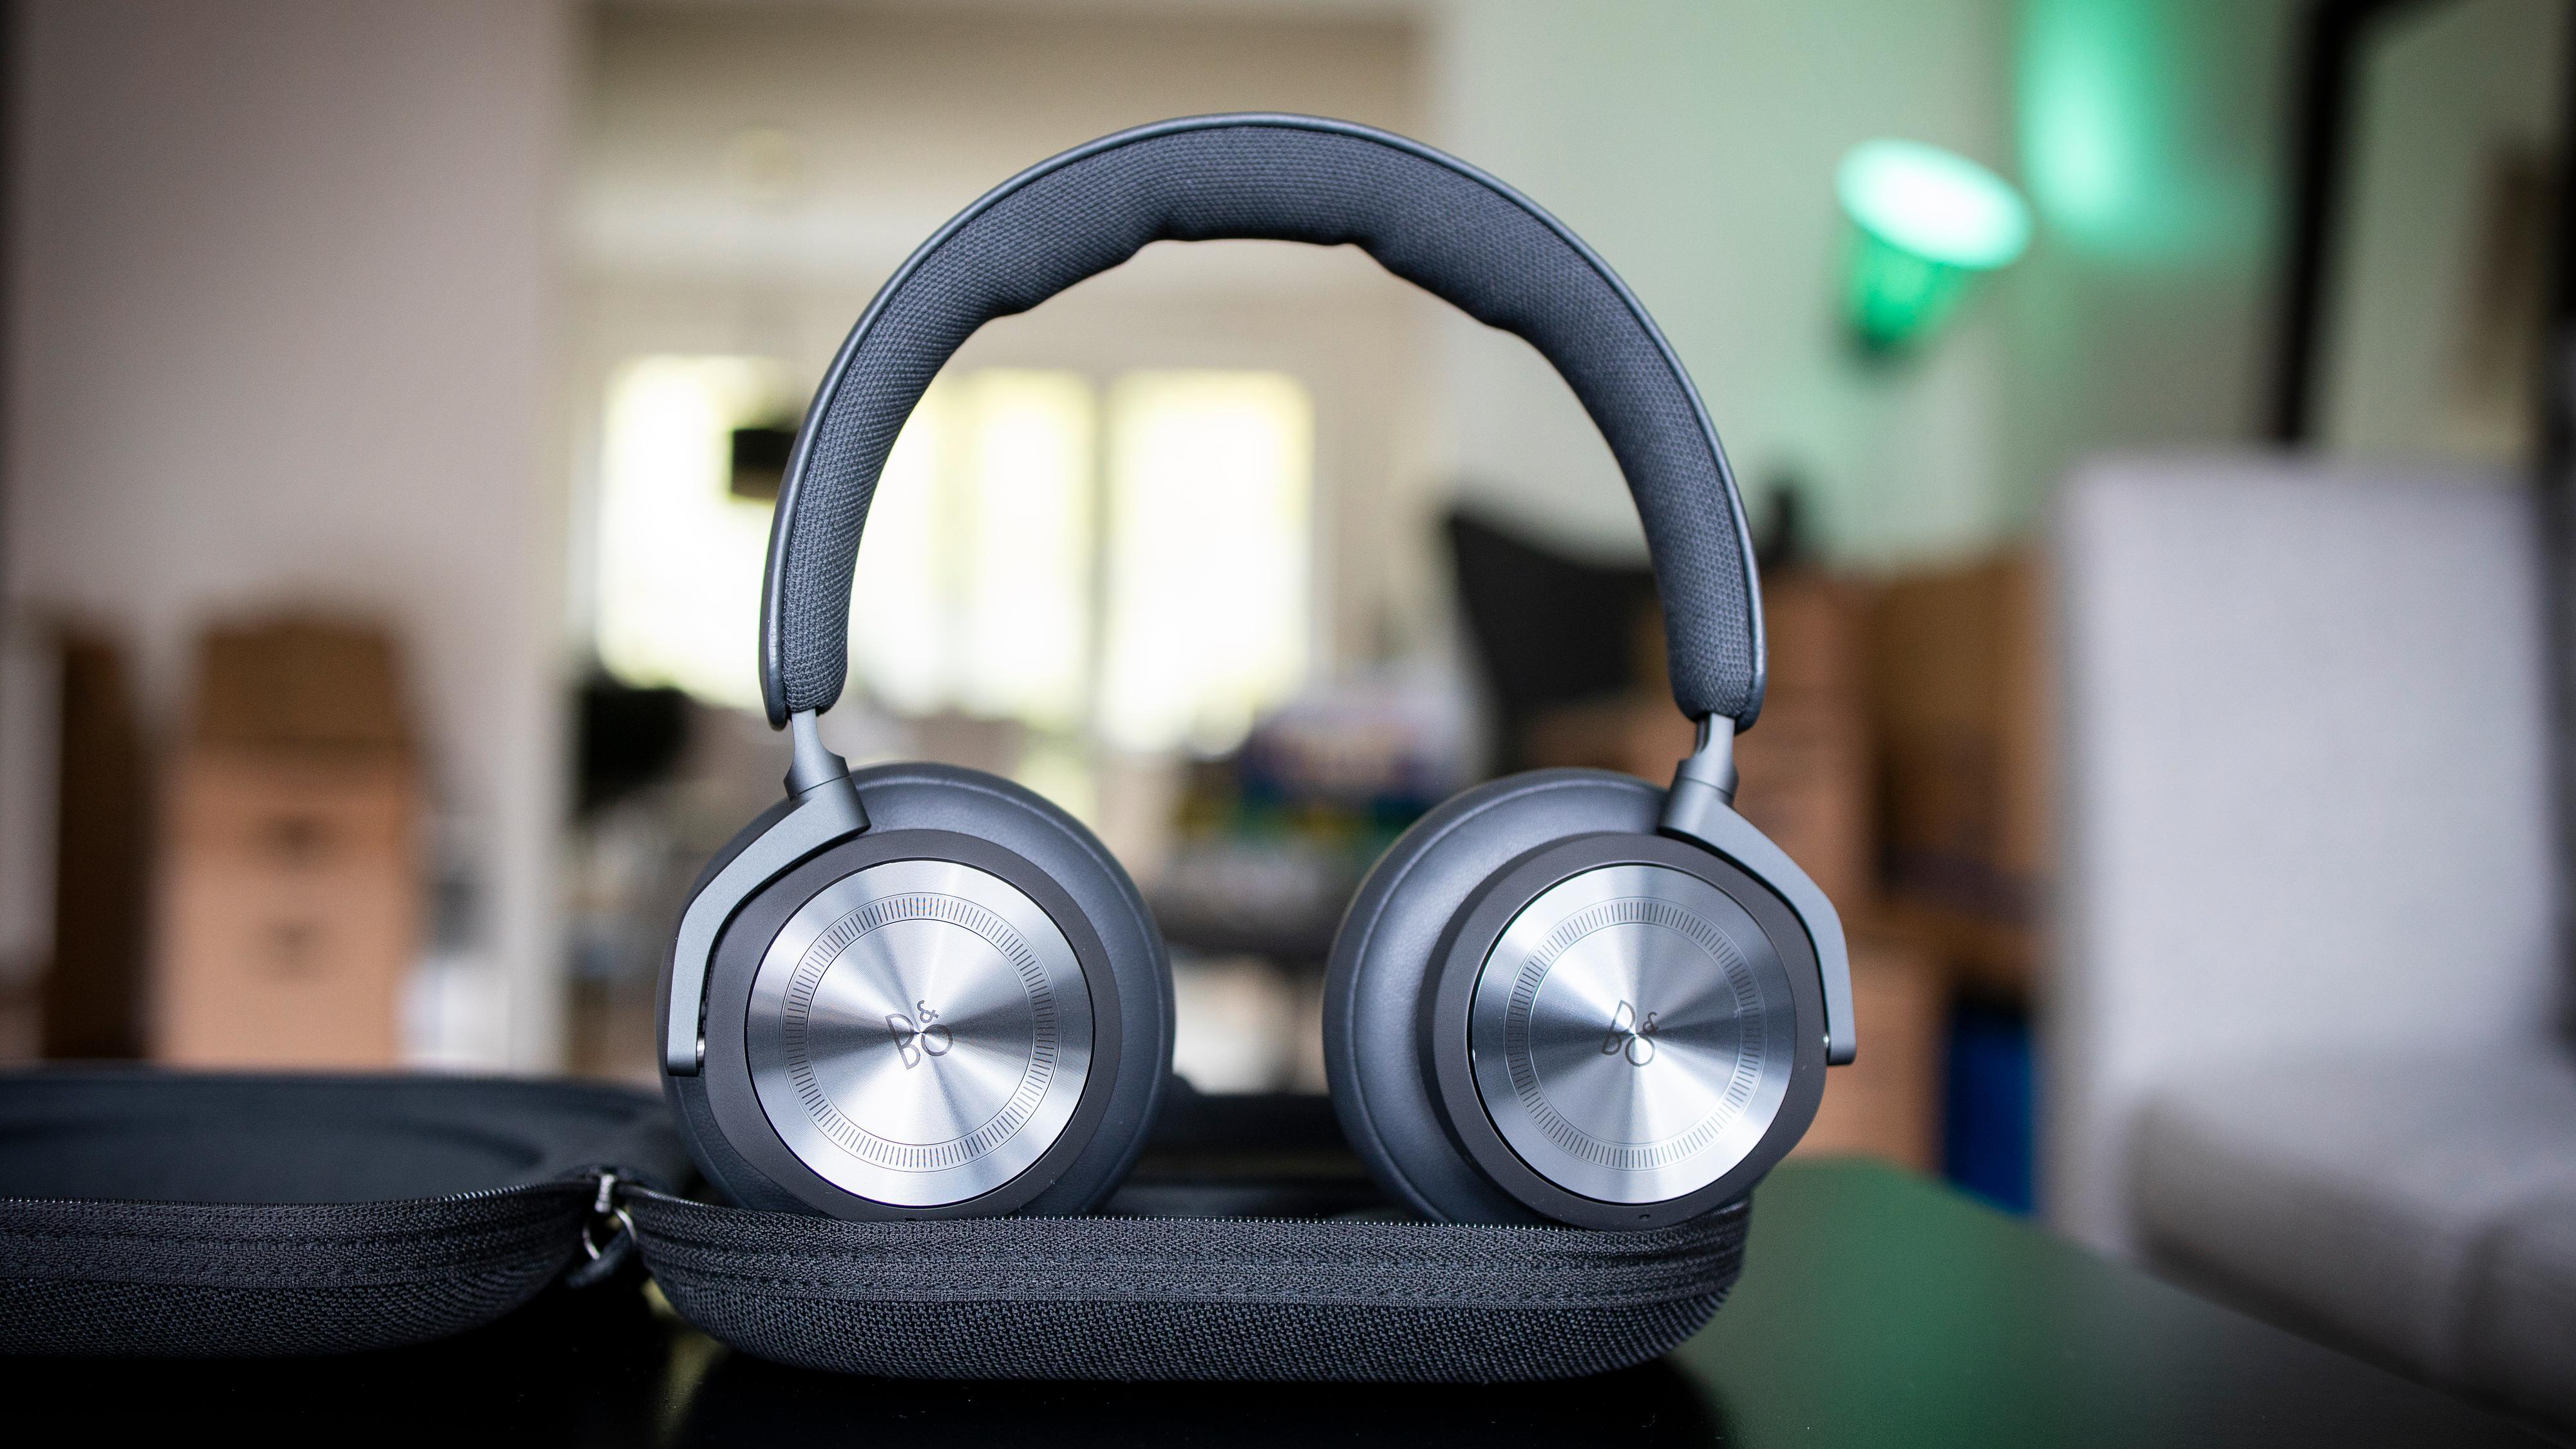 Fjerde generasjon av B&Os flaggskip-hodetelefoner er her. Vi har testet